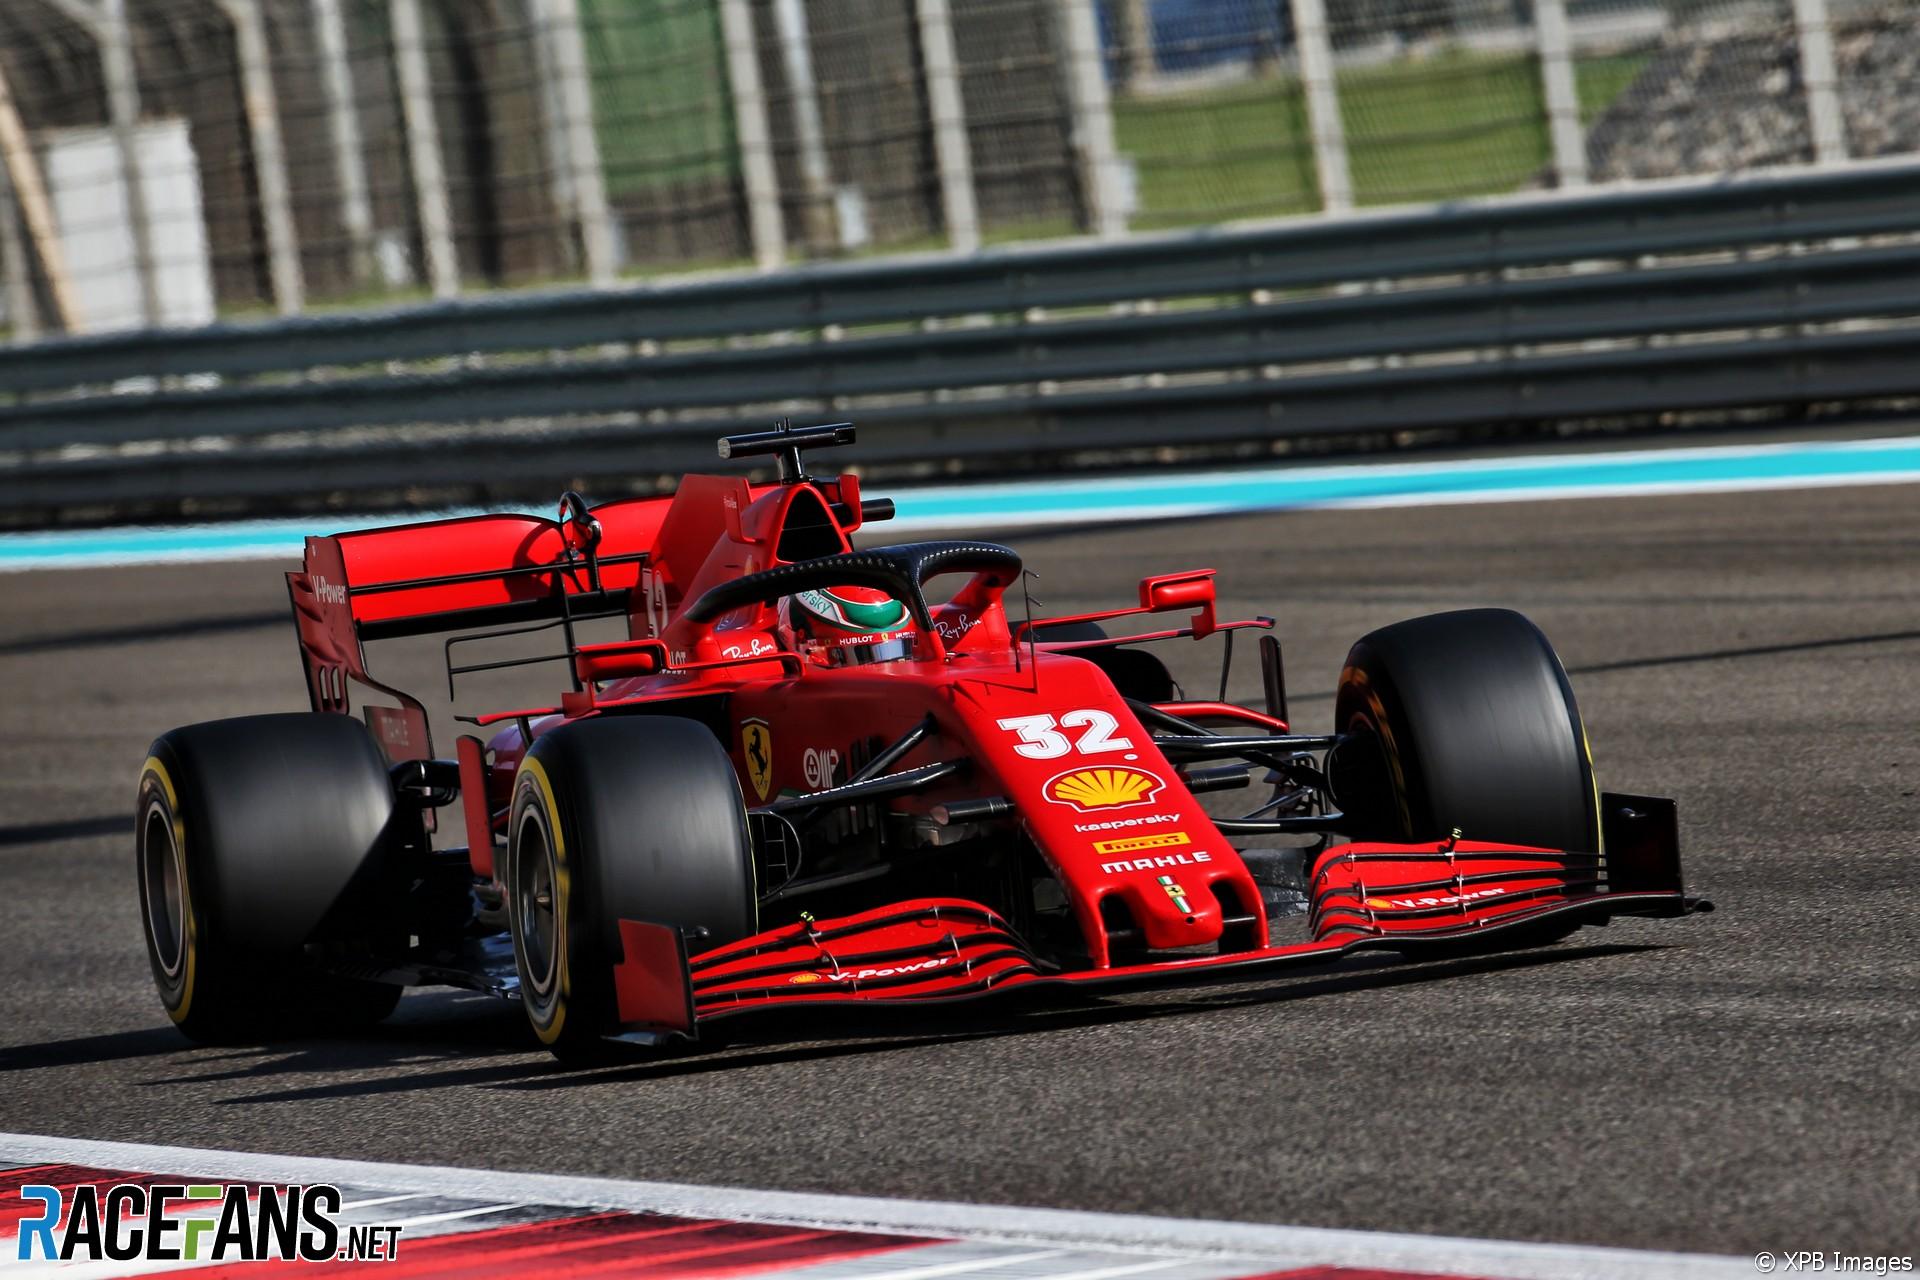 Antonio Fuoco, Ferrari, Yas Marina, 2020